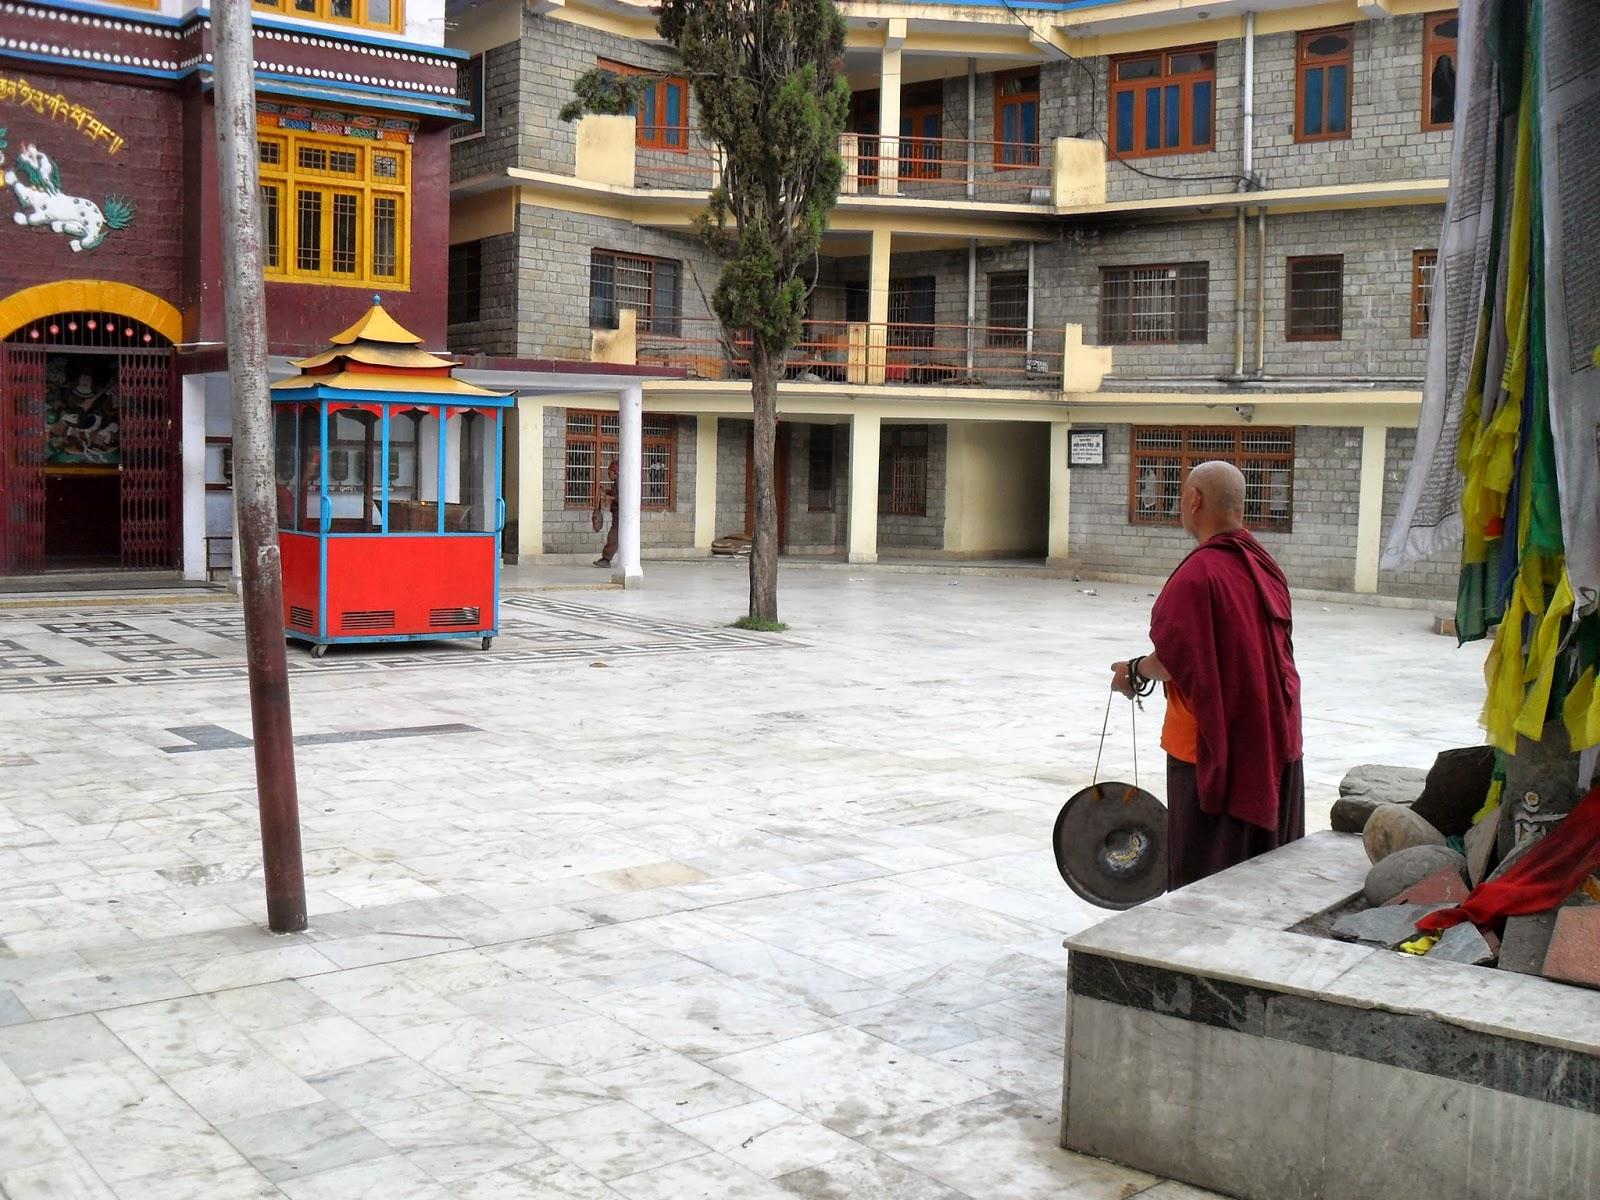 Монах бьет в гонг созывая на утреннюю медитацию.